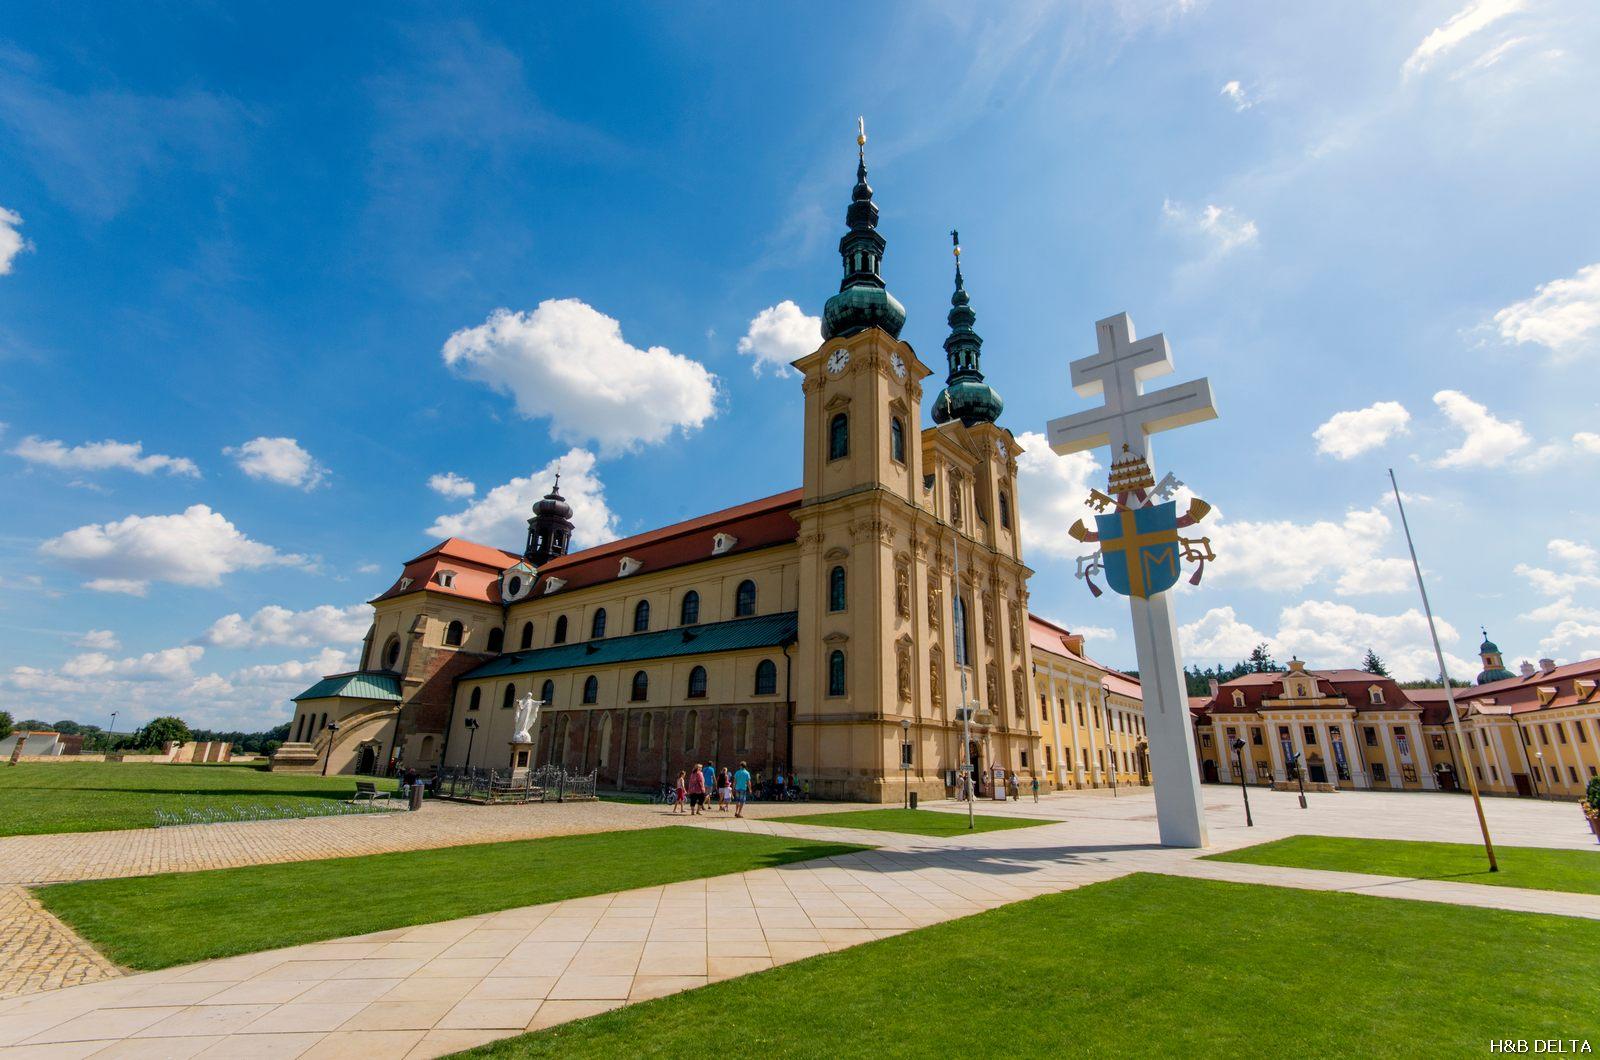 Bazilika Nanebevzetí Panny Marie asv. Cyrila aMetoděje Velehrad